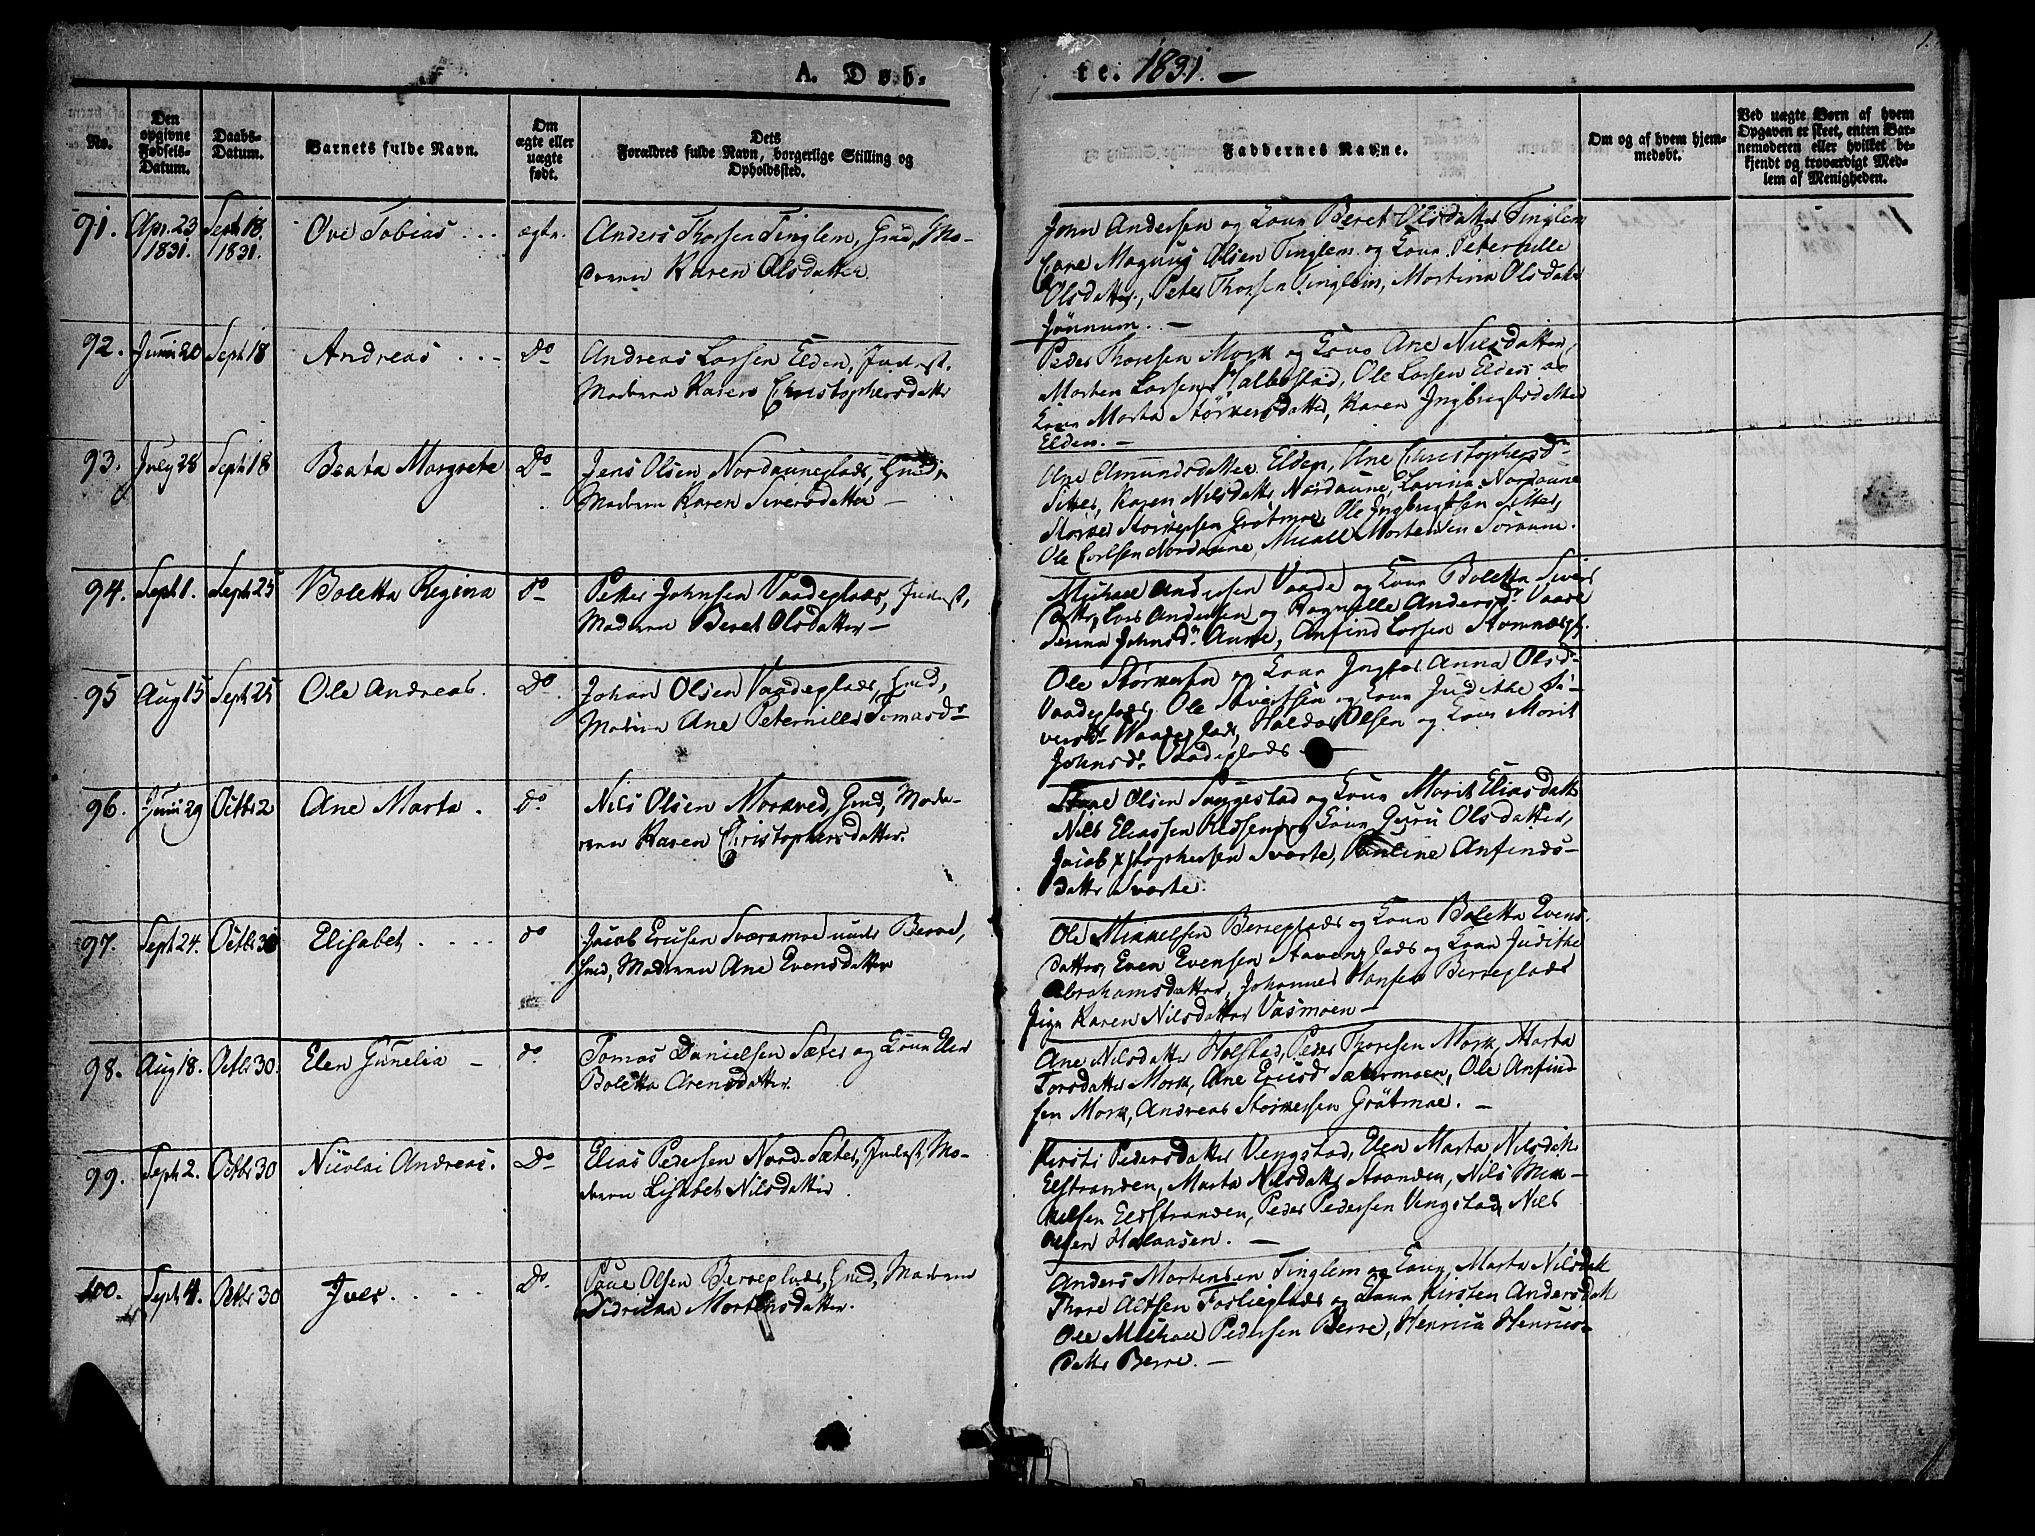 SAT, Ministerialprotokoller, klokkerbøker og fødselsregistre - Nord-Trøndelag, 741/L0391: Ministerialbok nr. 741A05, 1831-1836, s. 1